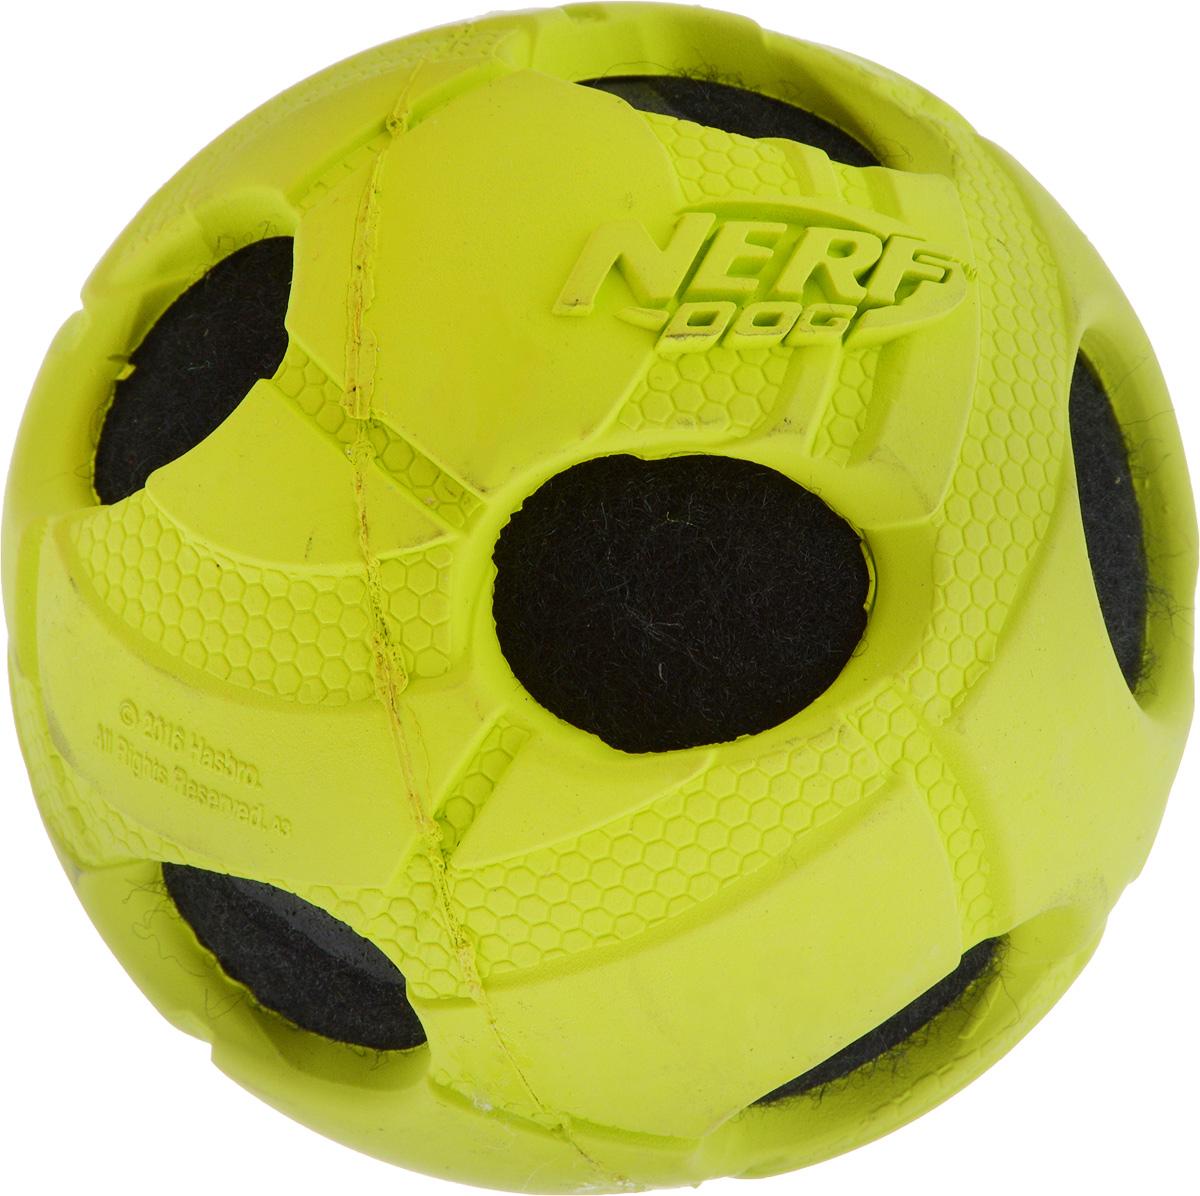 Игрушка для собак Nerf Мяч с отверстиями, диаметр 9 см22293_салатовый, черныйИгрушка для собак Nerf Мяч с отверстиями выполнена из резины в форме мяча. Такая игрушка порадует вашего любимца, а вам доставит массу приятных эмоций, ведь наблюдать за игрой всегда интересно и приятно. Диаметр игрушки: 9 см.